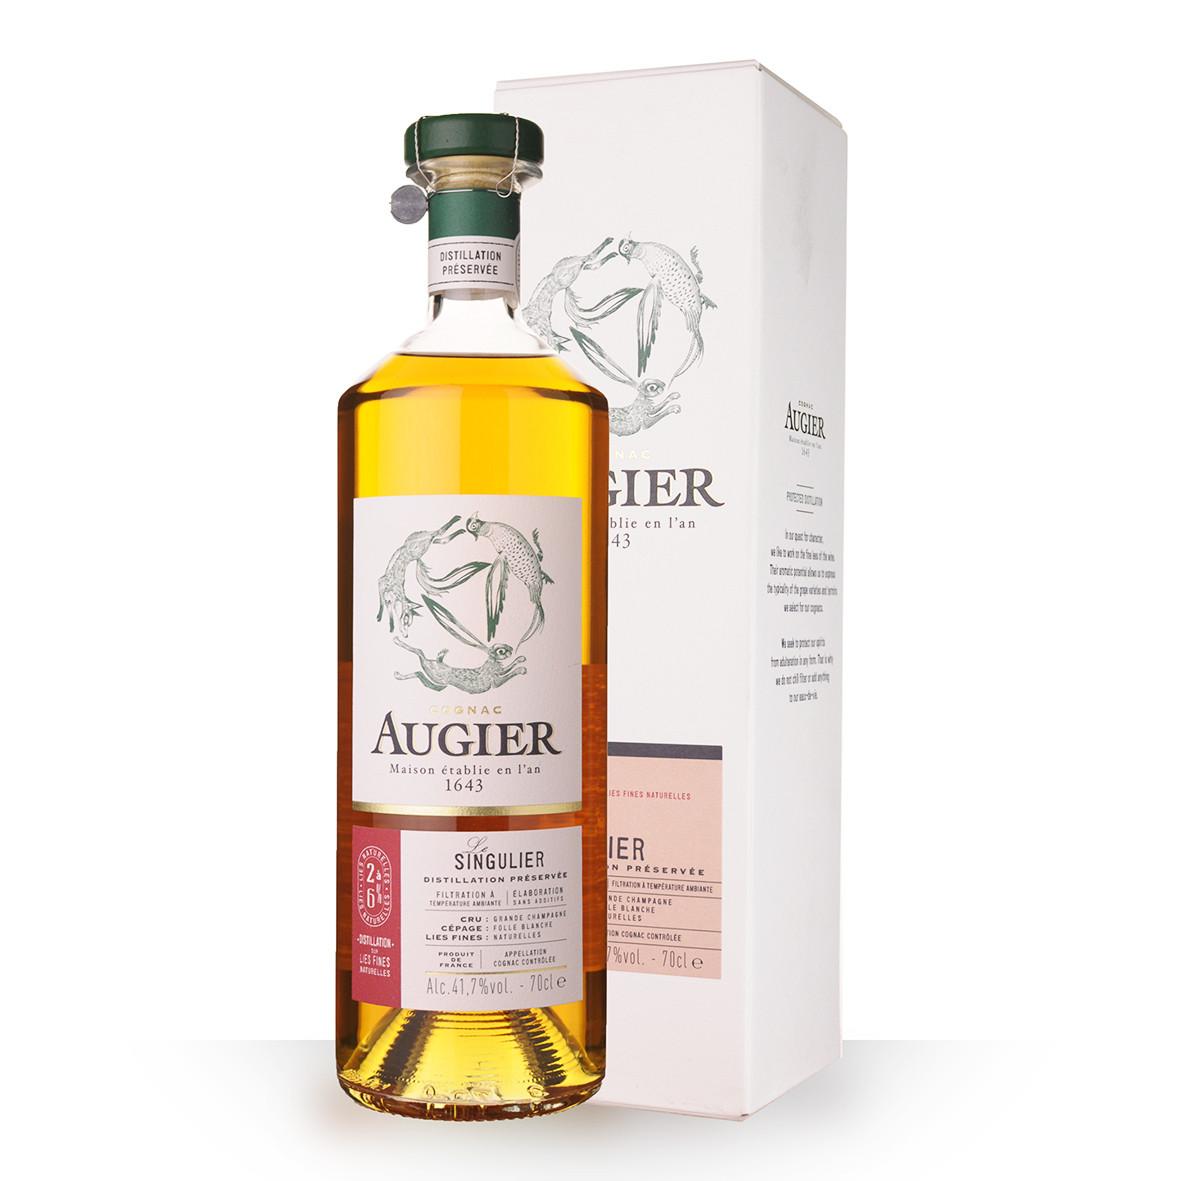 Cognac Augier Le Singulier 70cl Etui www.odyssee-vins.com